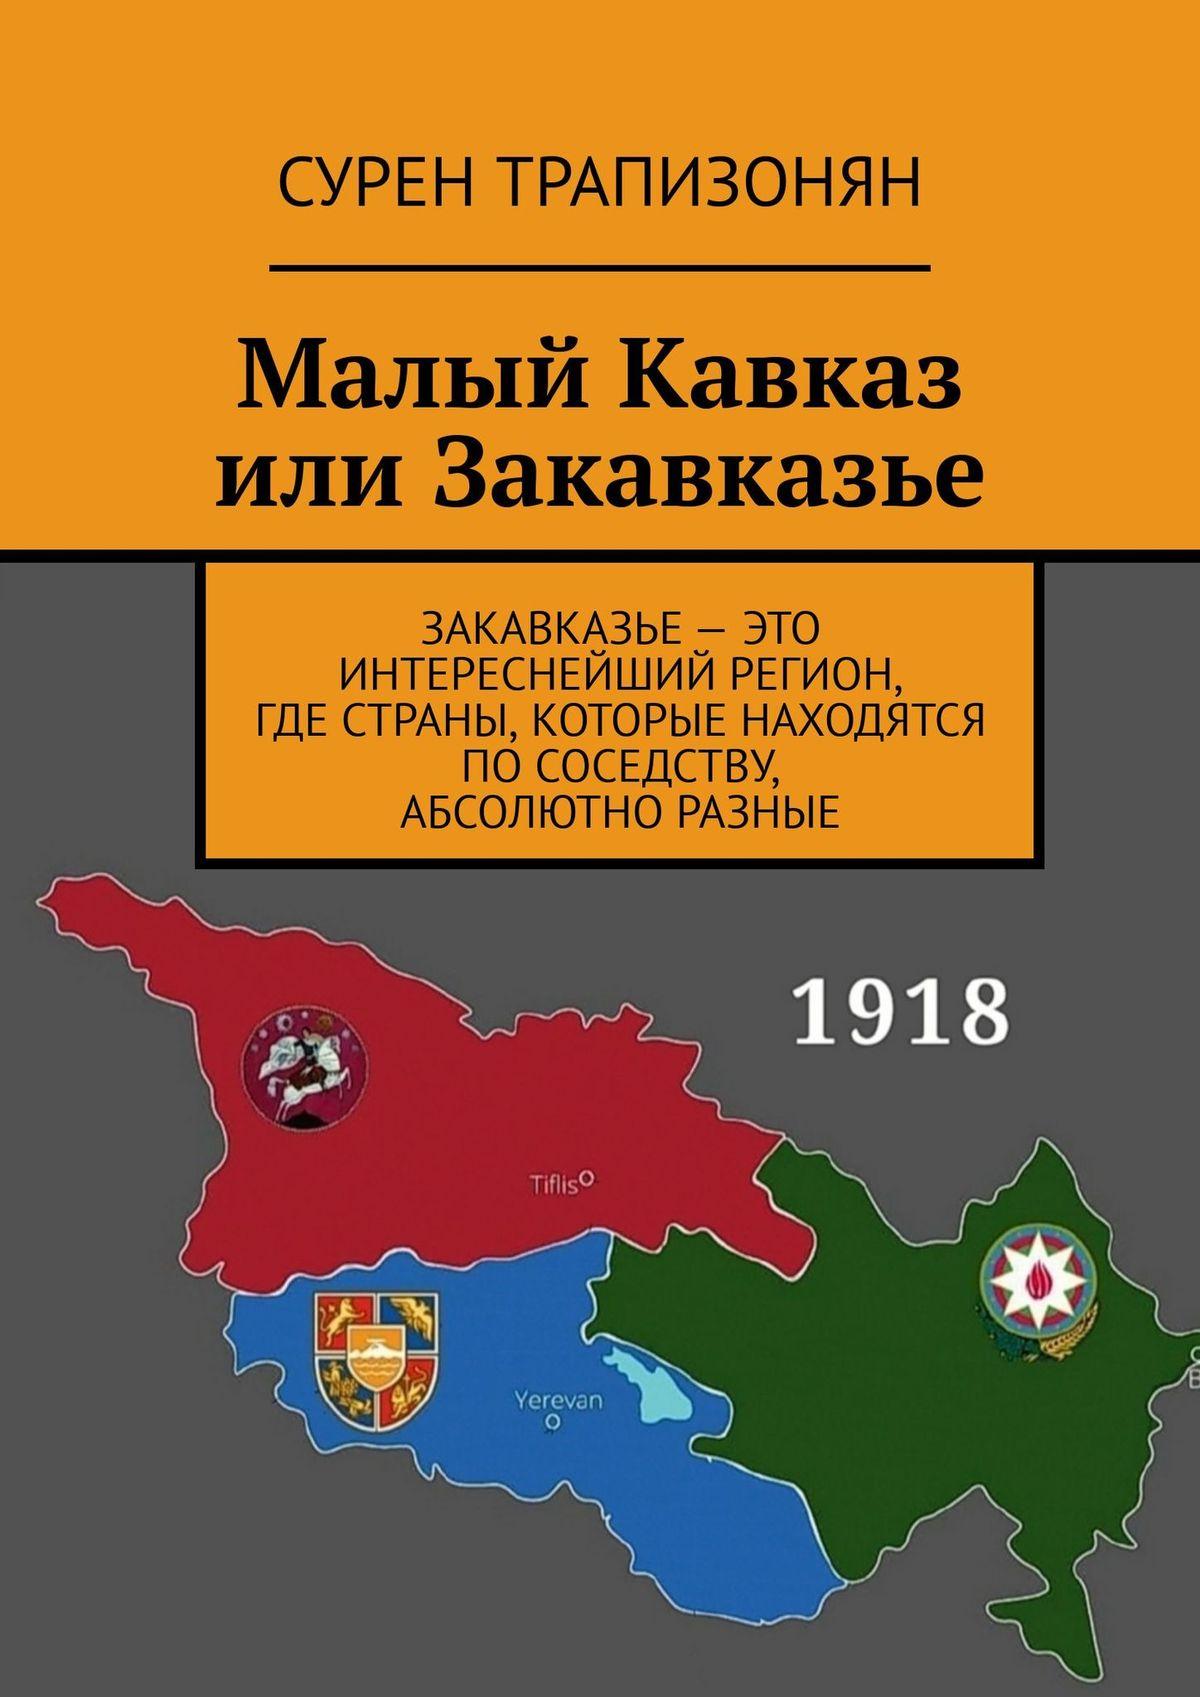 Малый Кавказ, илиЗакавказье